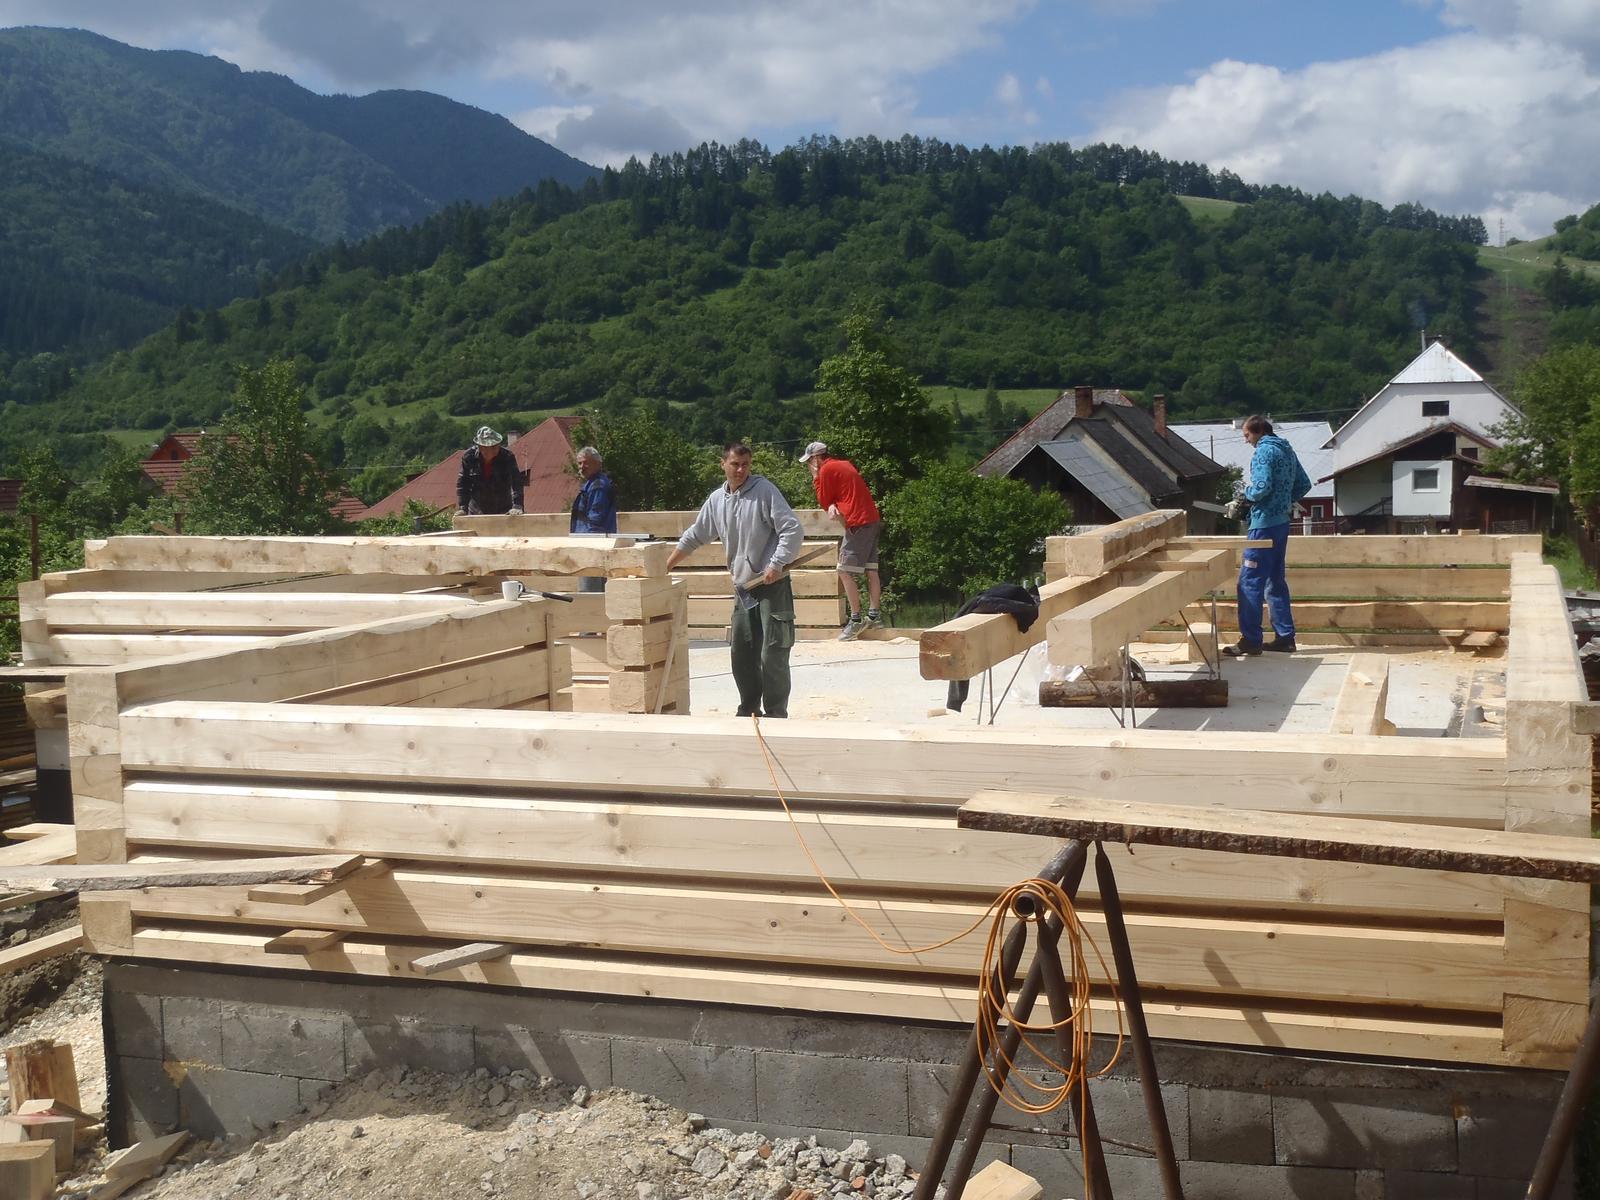 Náš veľký sen o drevenom domčeku! - Obrázok č. 64